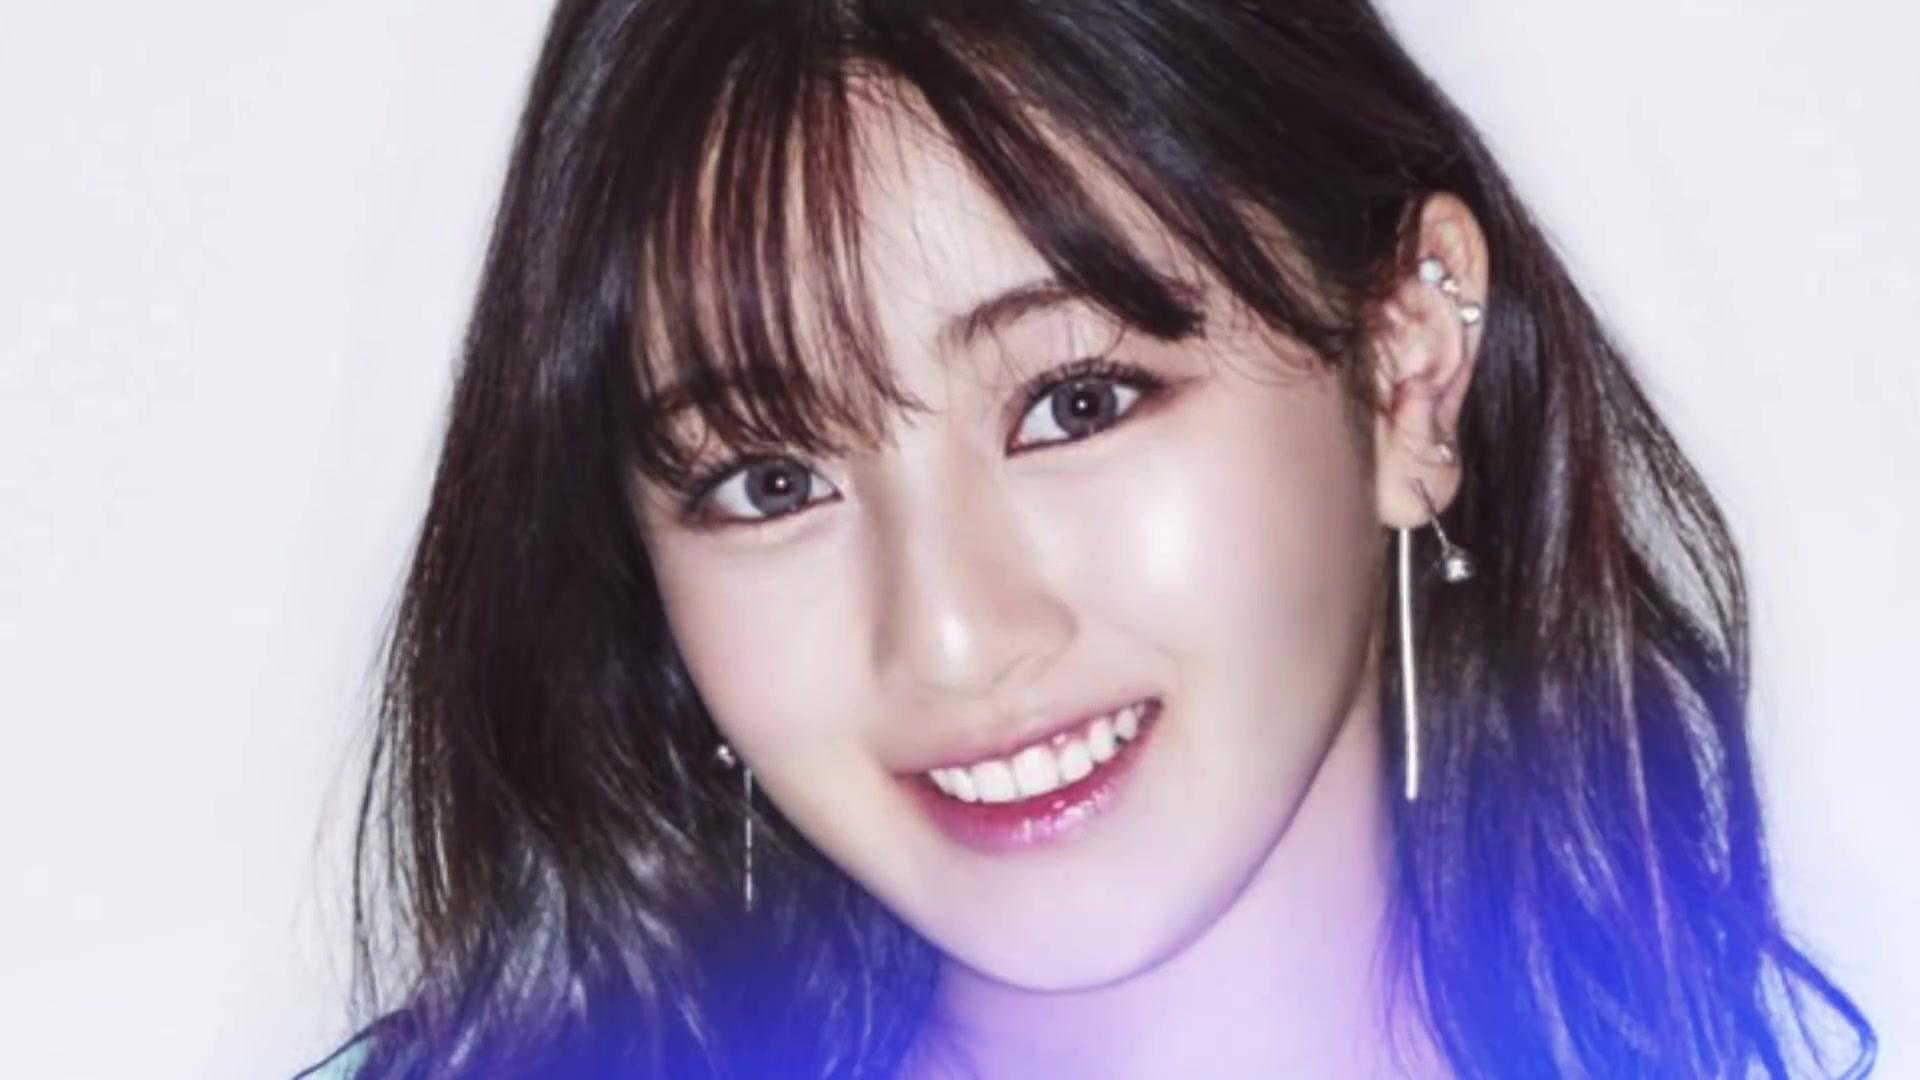 heyitsfeiii Episode 183: TWICE's Jihyo Makeup Tutorial